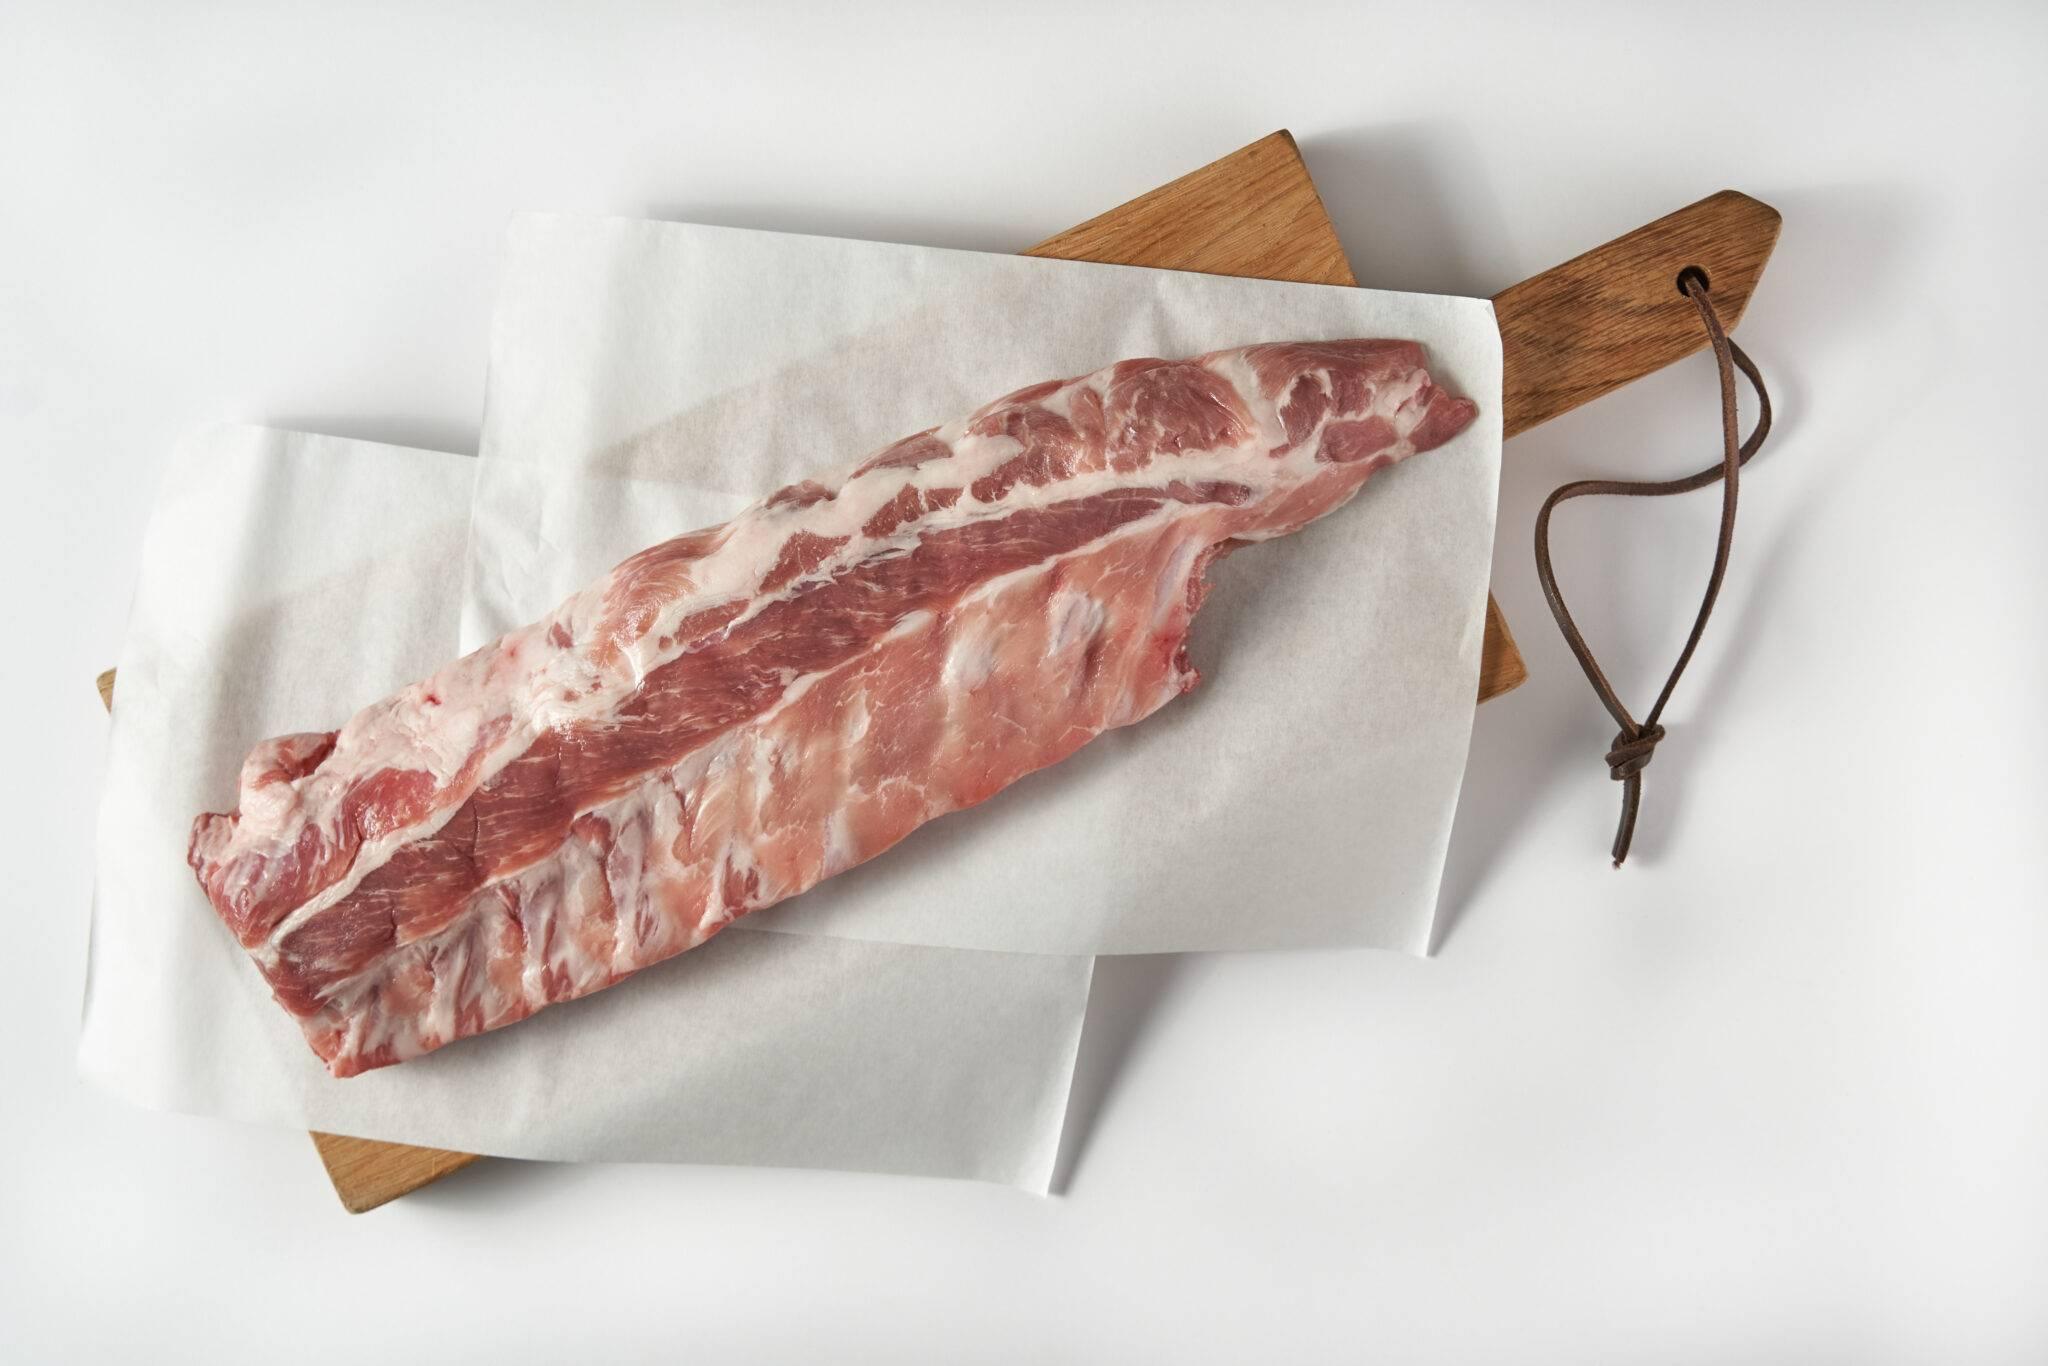 Vleesch & Co Spareribs van scharrelvarken